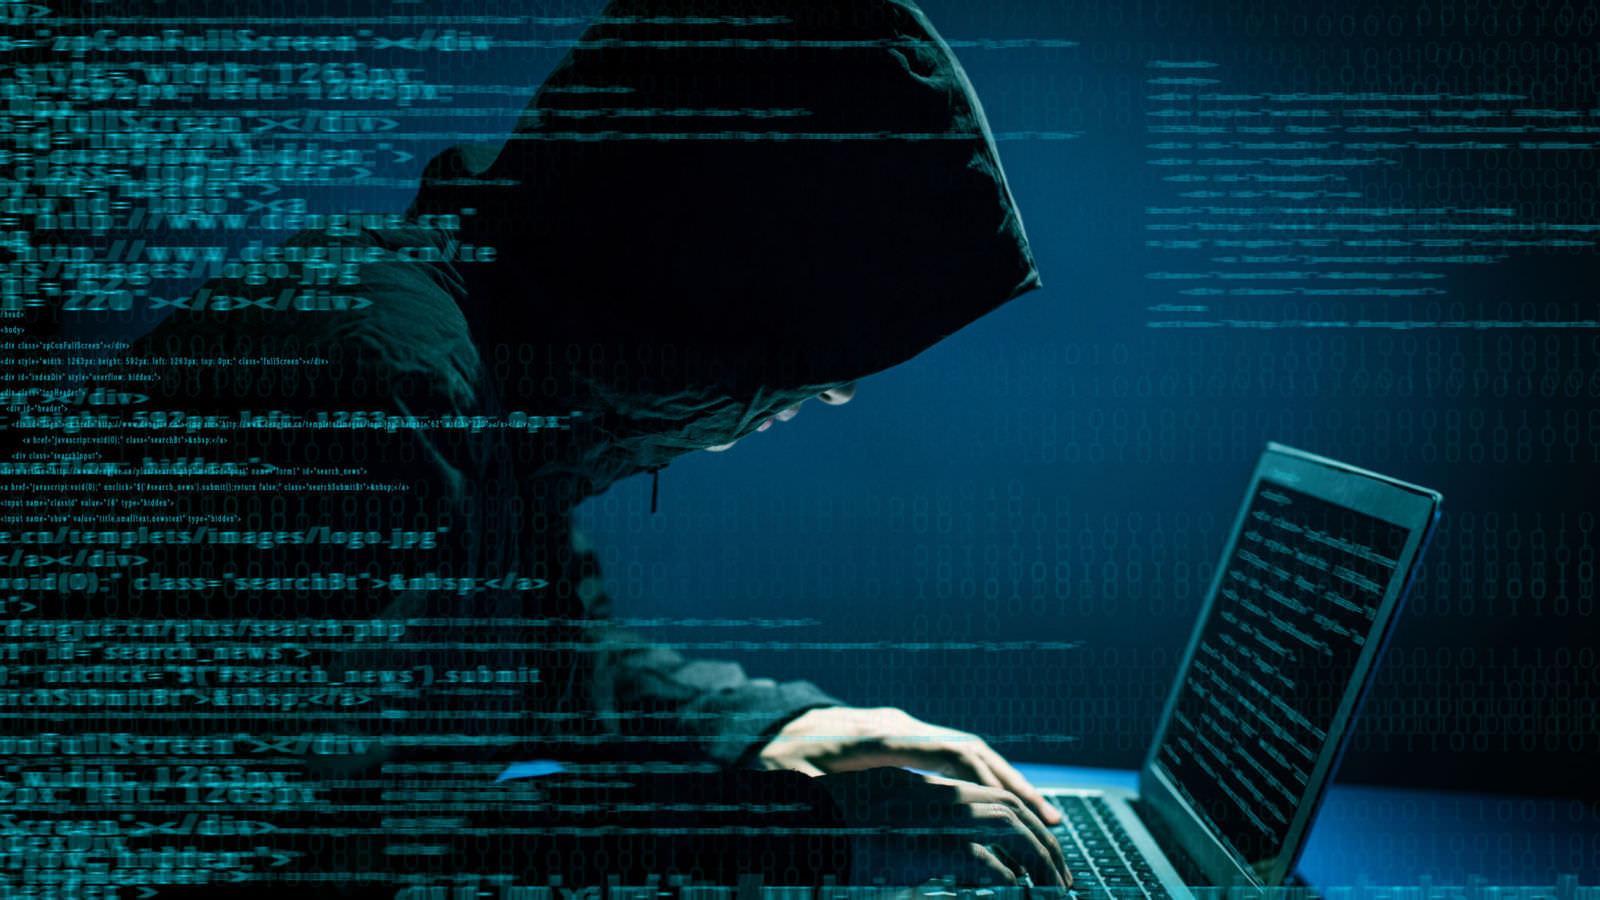 Специалисты: Опасные вирусы научились обходить защиту Google